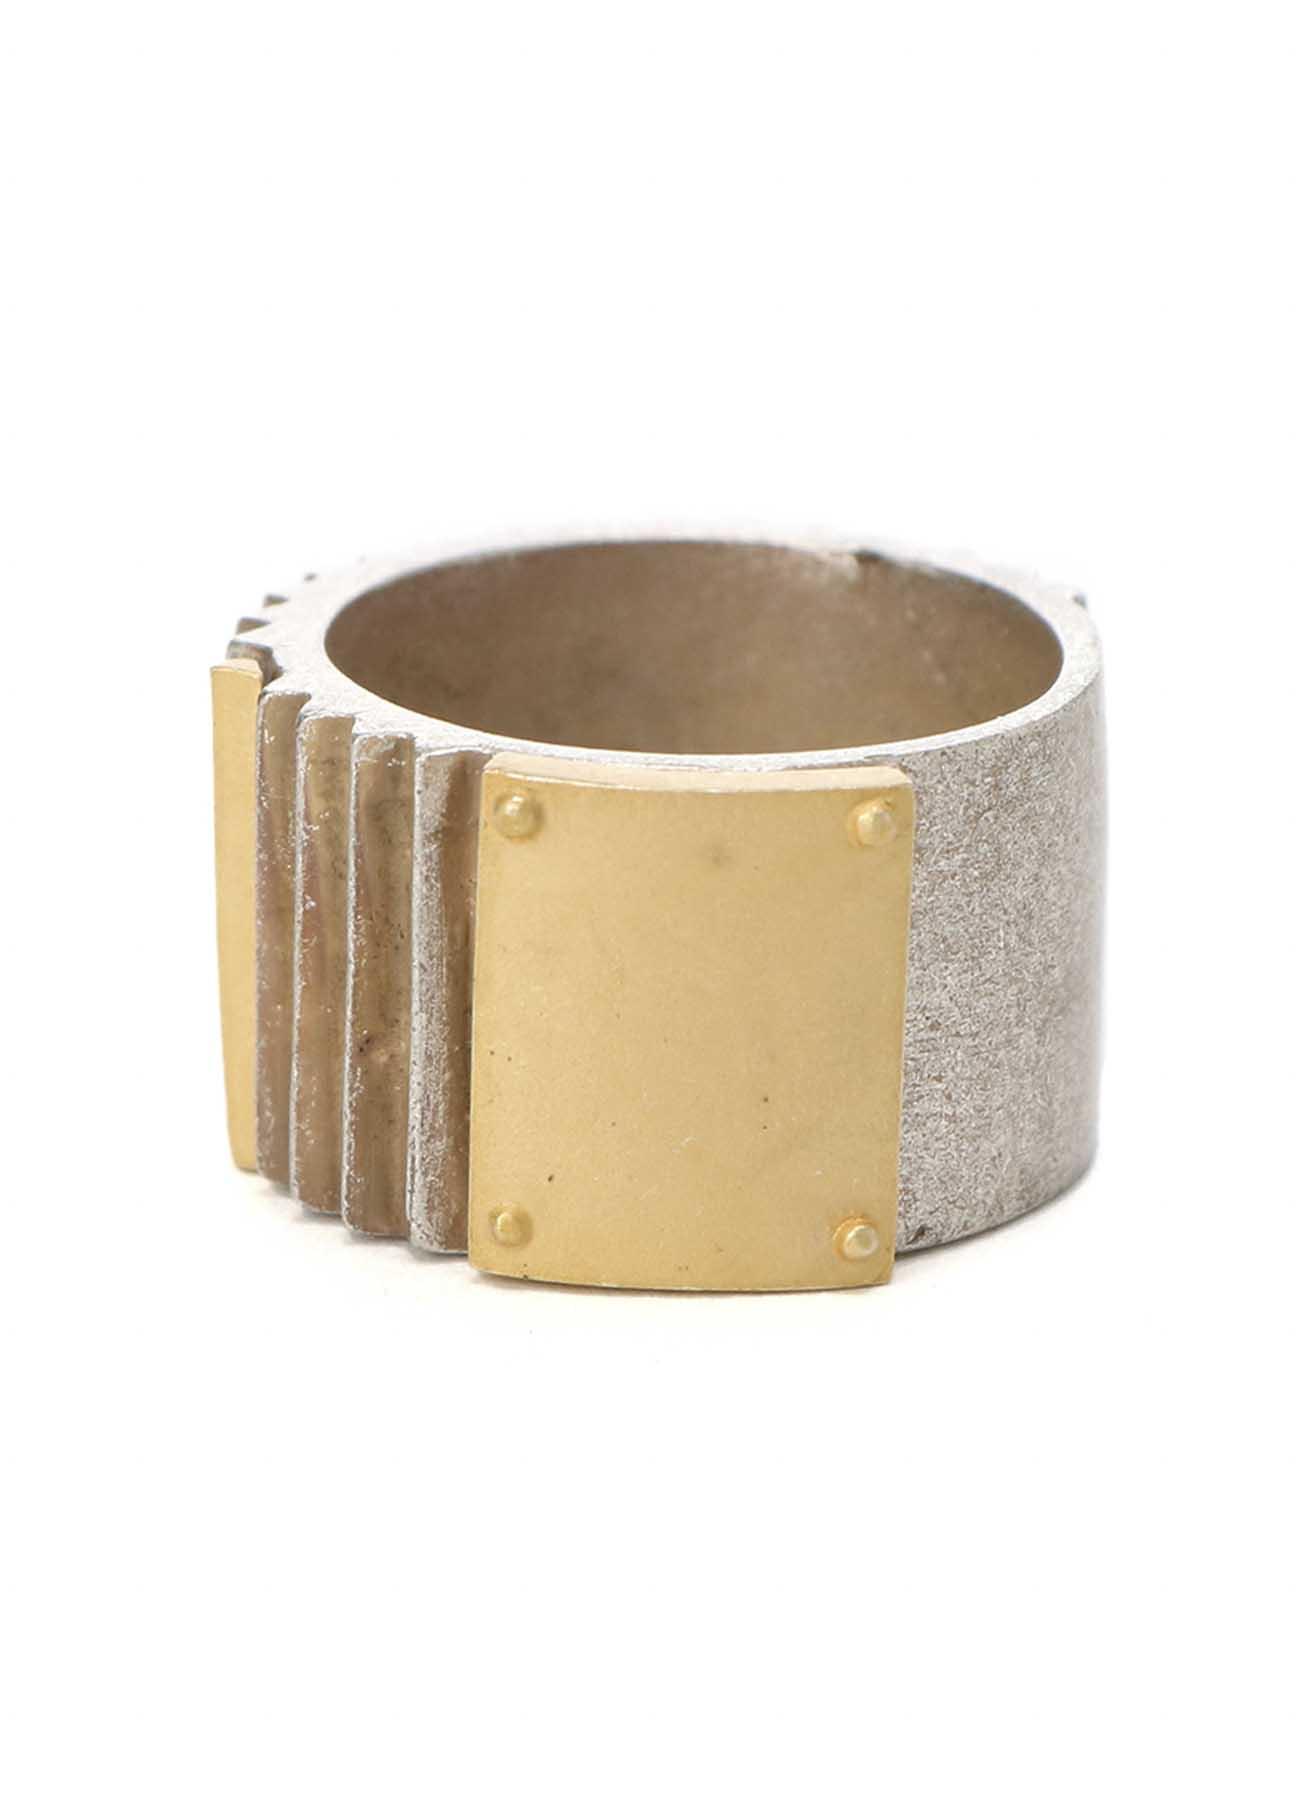 Brass Striped Ring